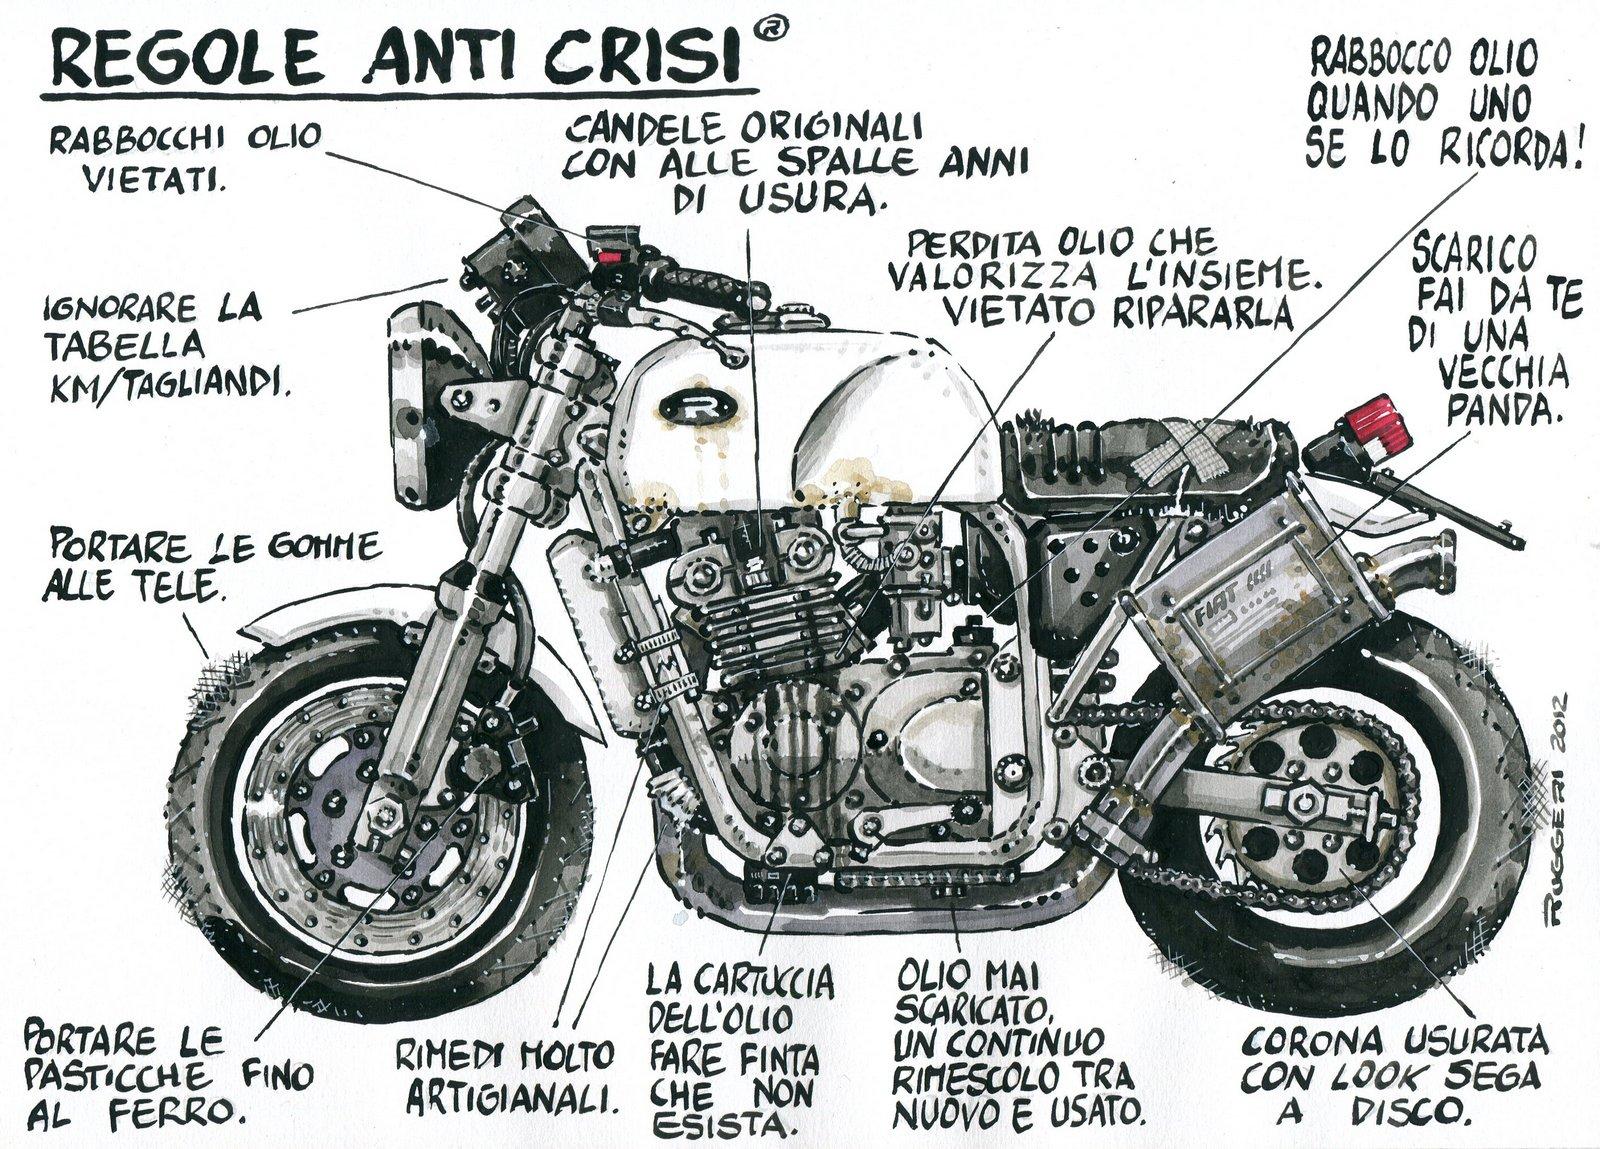 regole-anti-crisi